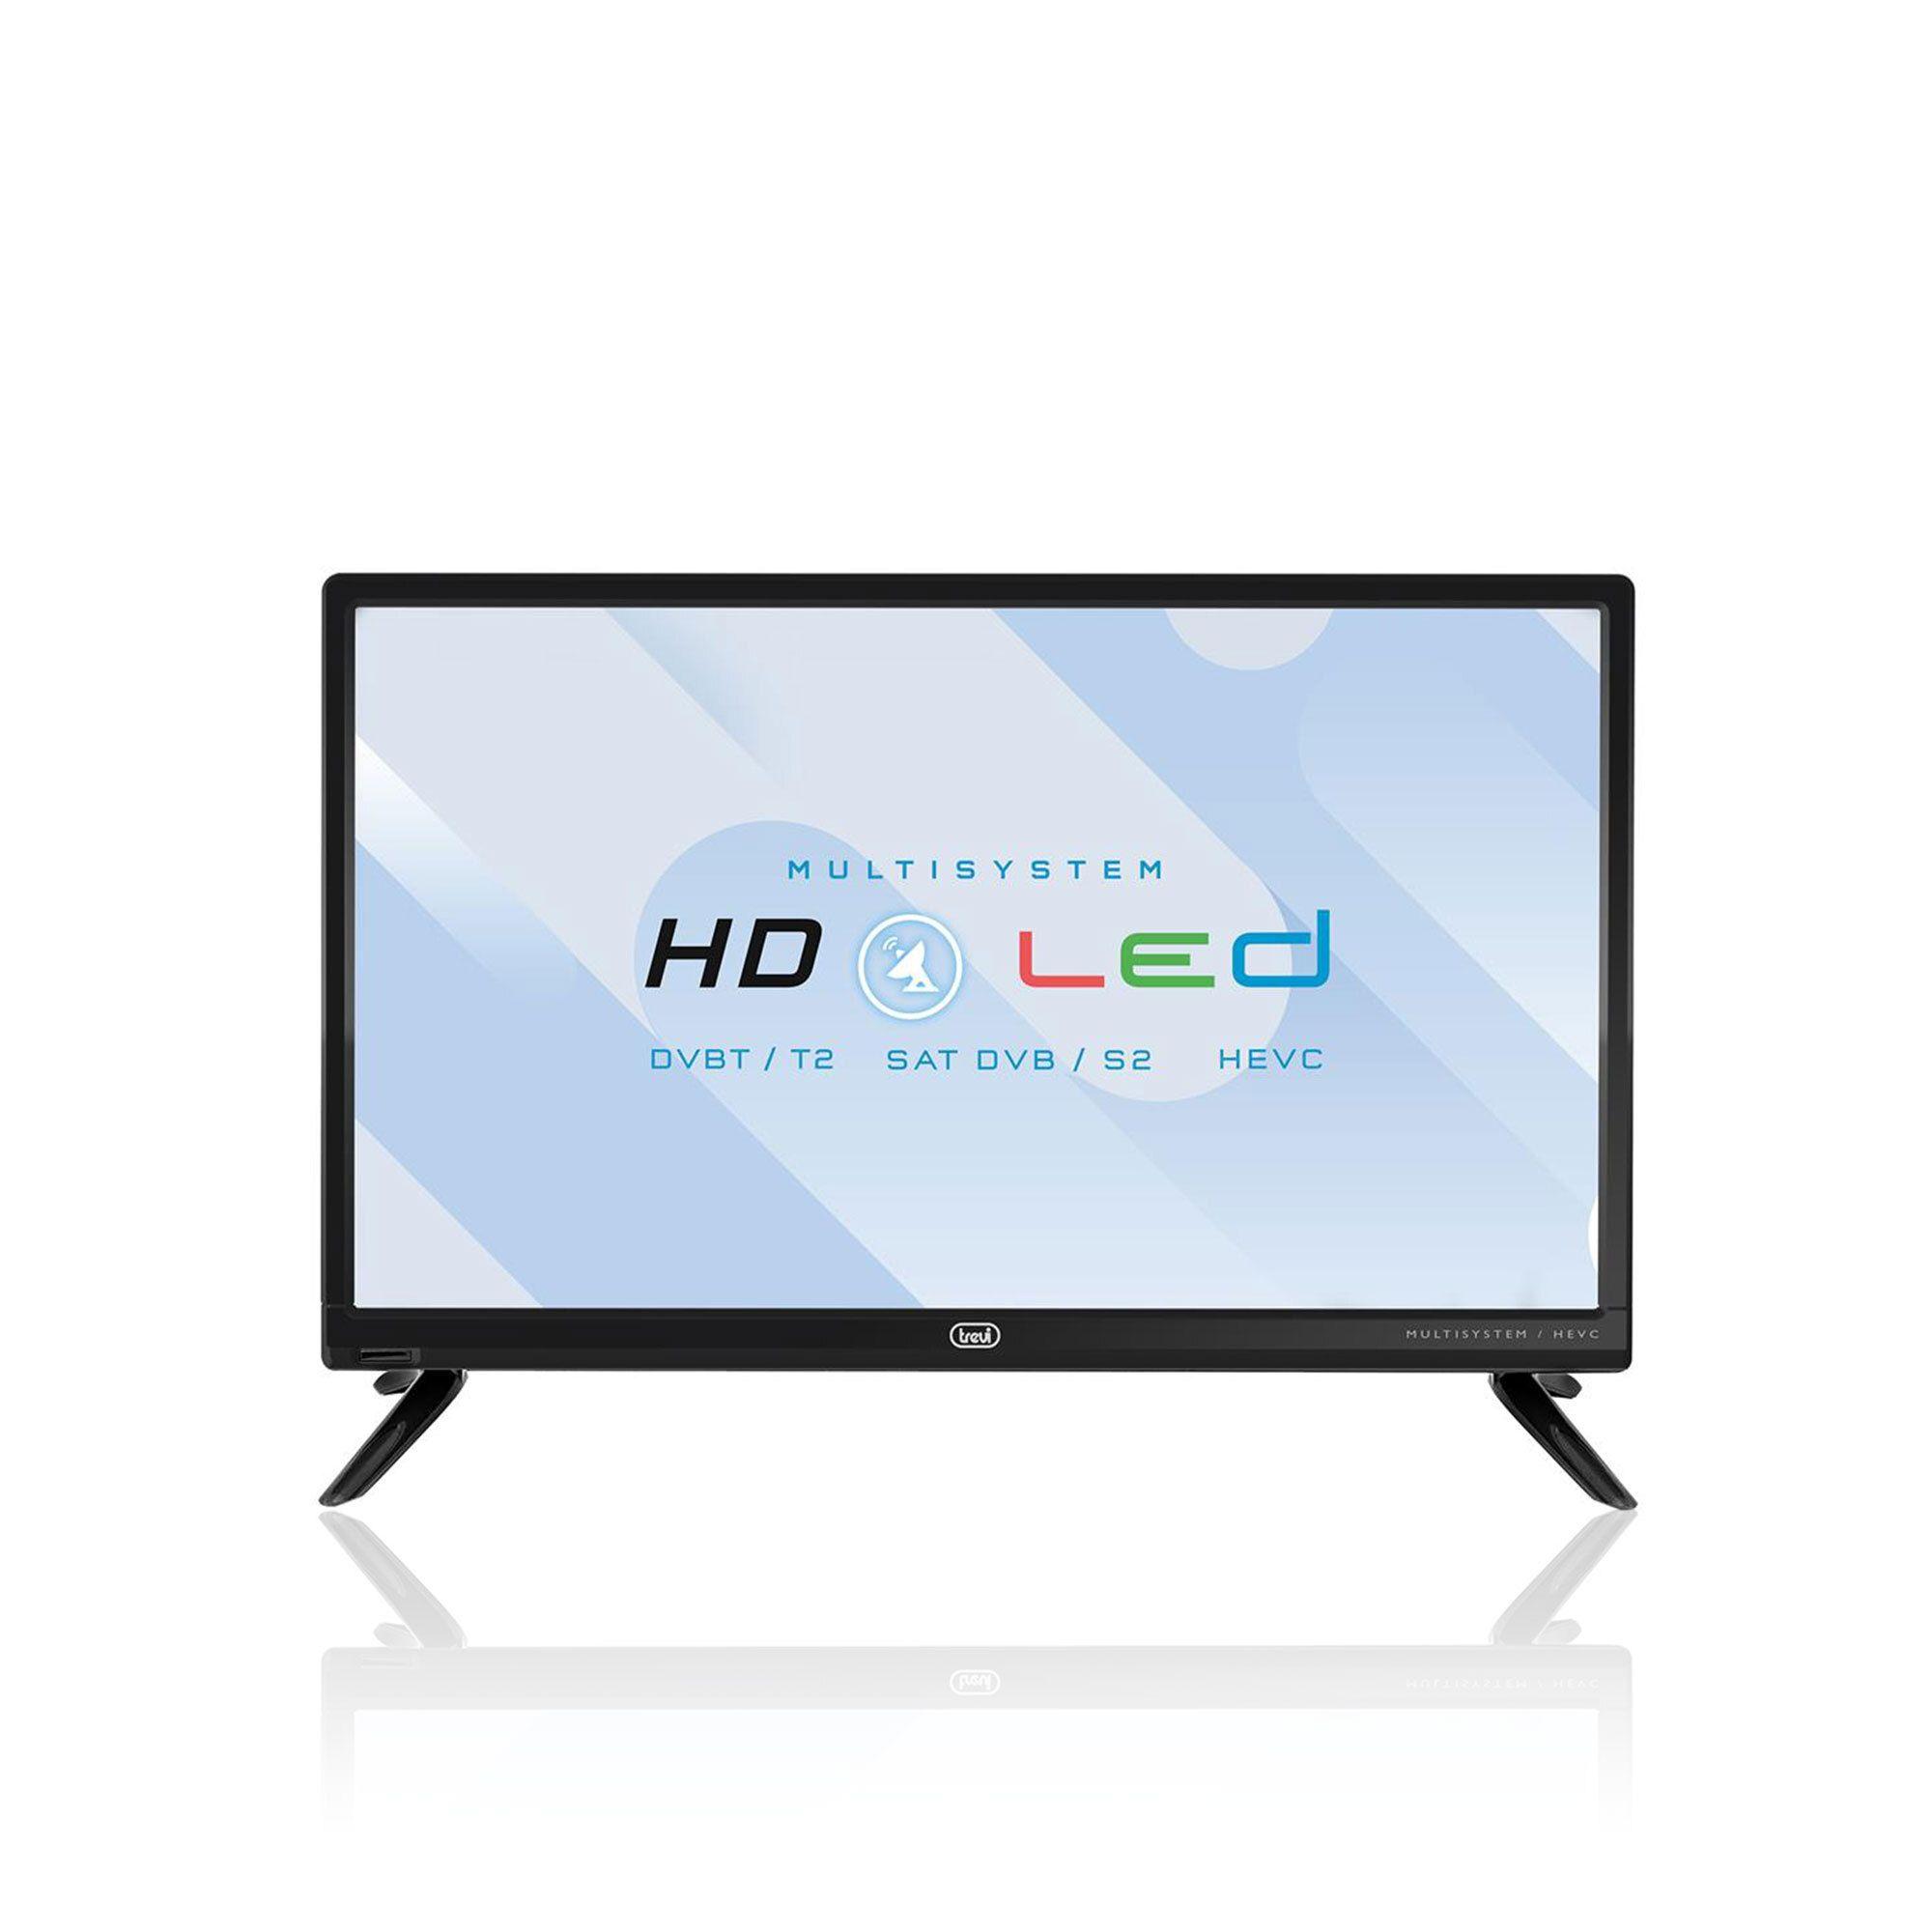 """Image of LTV 1904 TV LED 19"""""""" DVB-T2"""